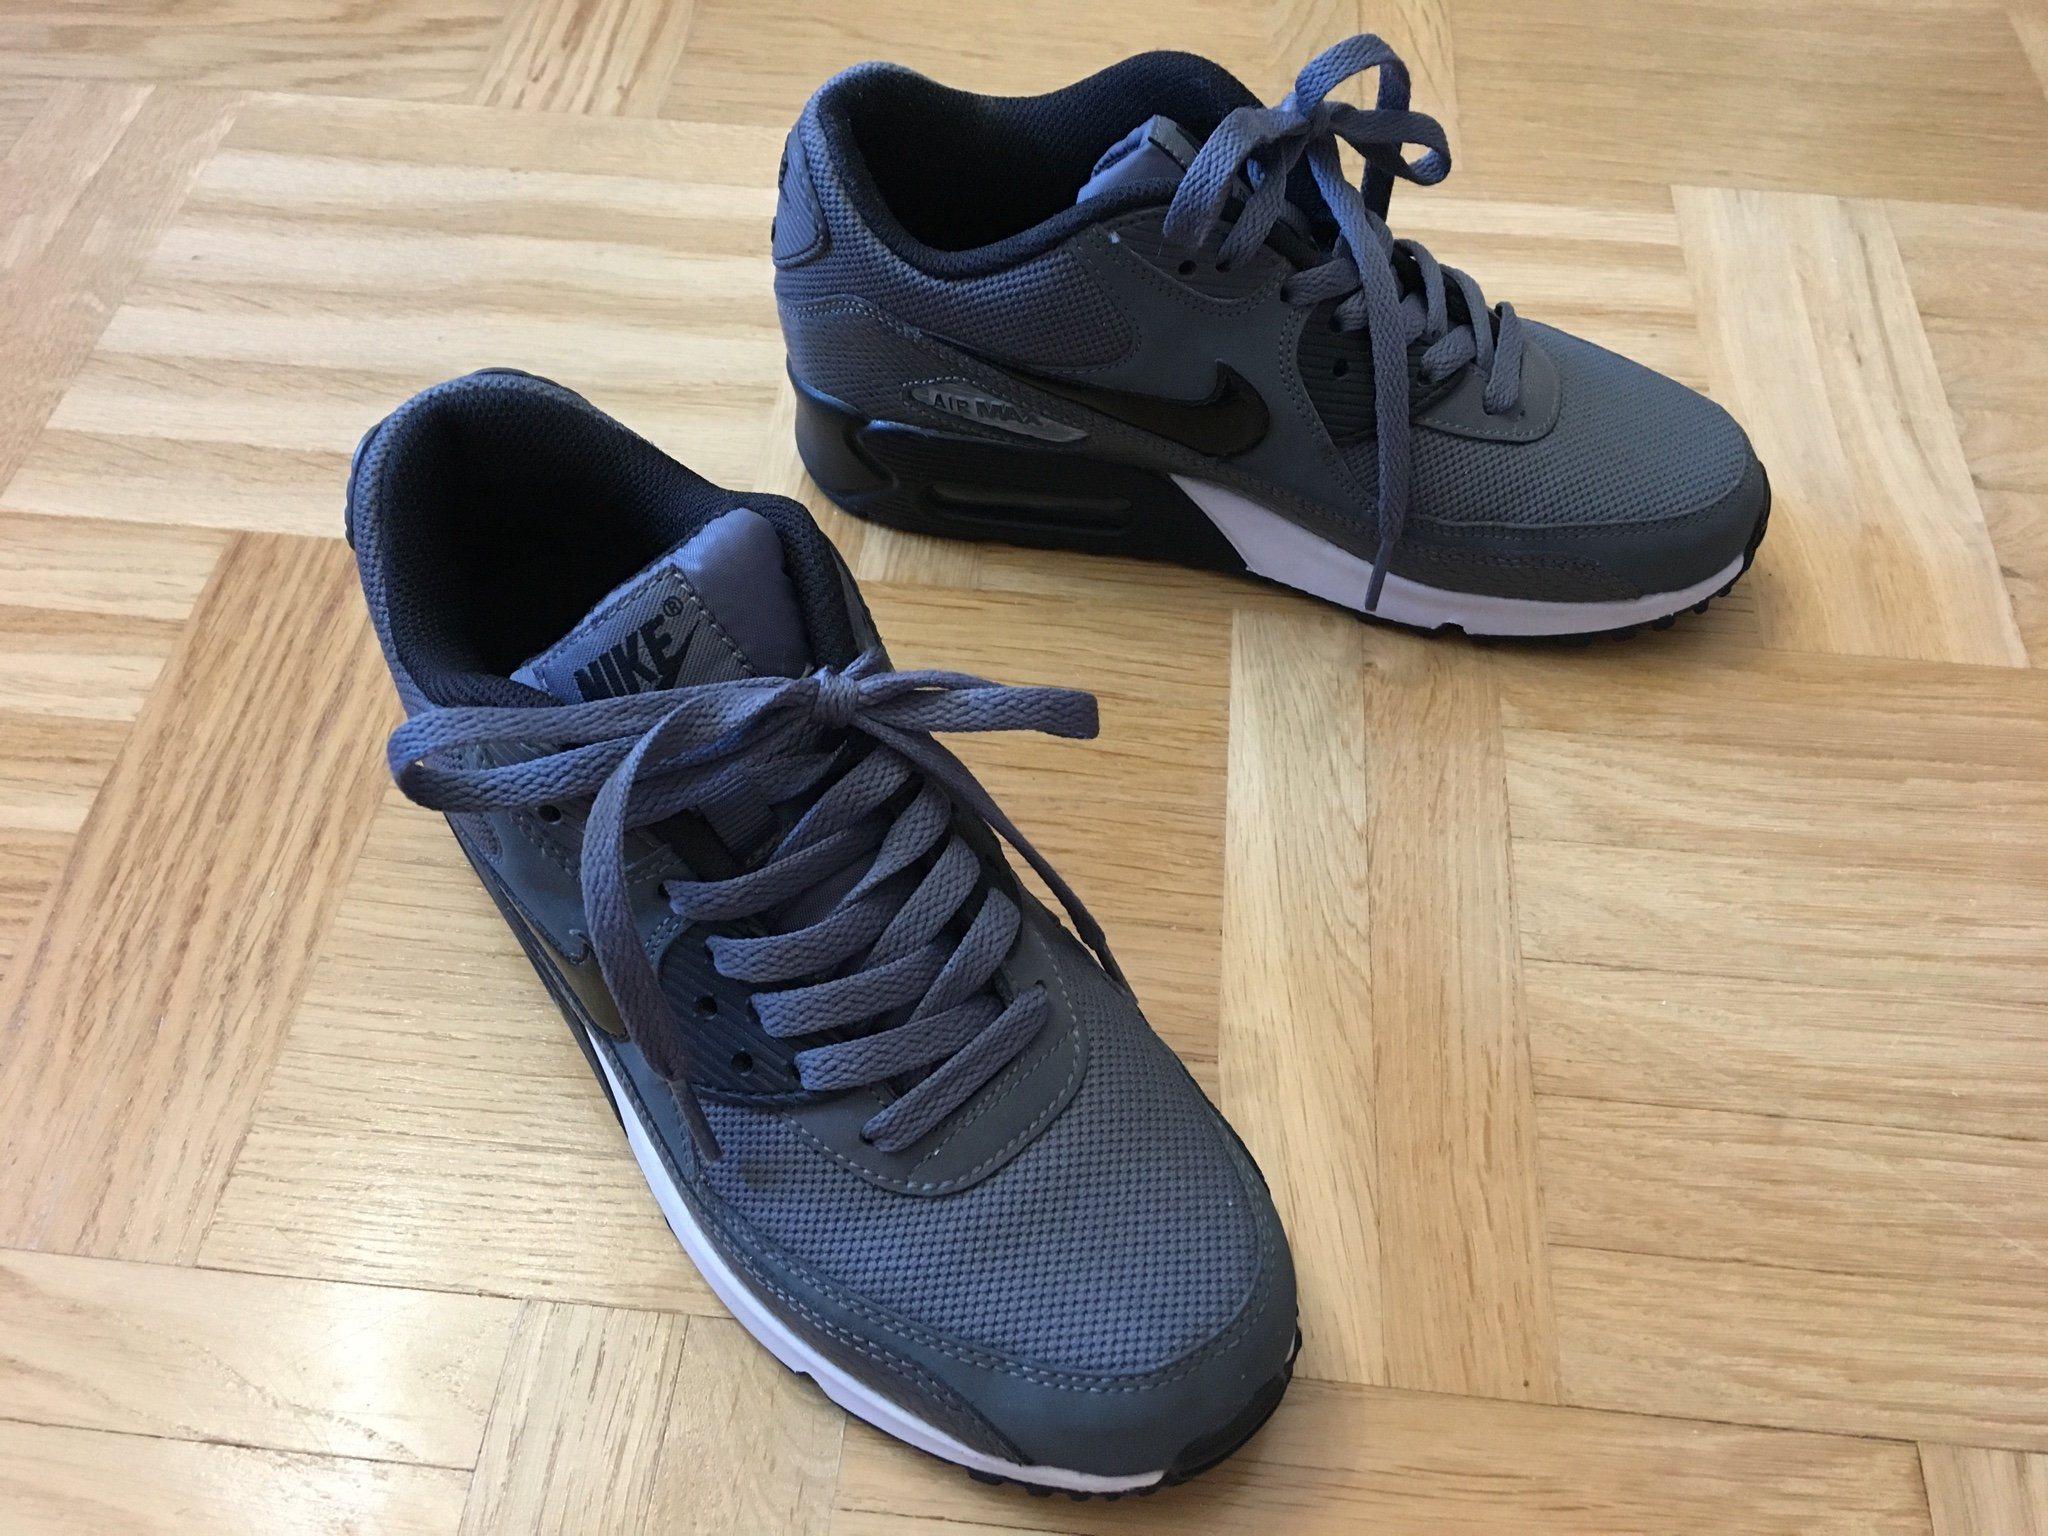 huge discount 2383b adac1 Nike Air Max sneakers skor mörkgrå vit svart strl 38